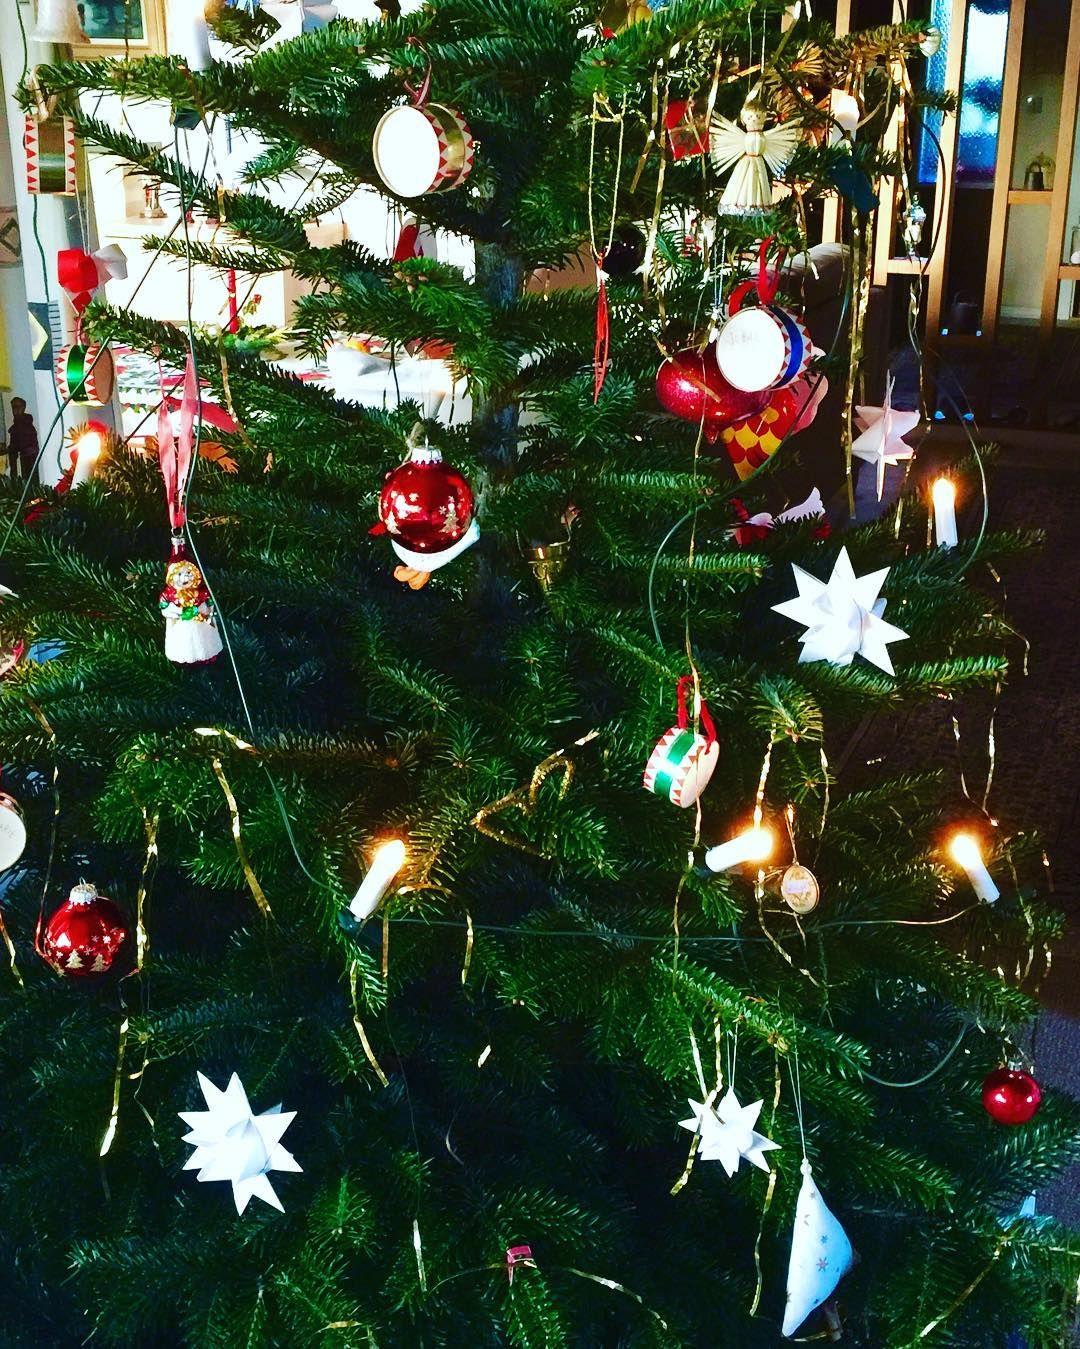 Så har Jule freden sænket sig - Glædelig Jul / Merry Christmas!